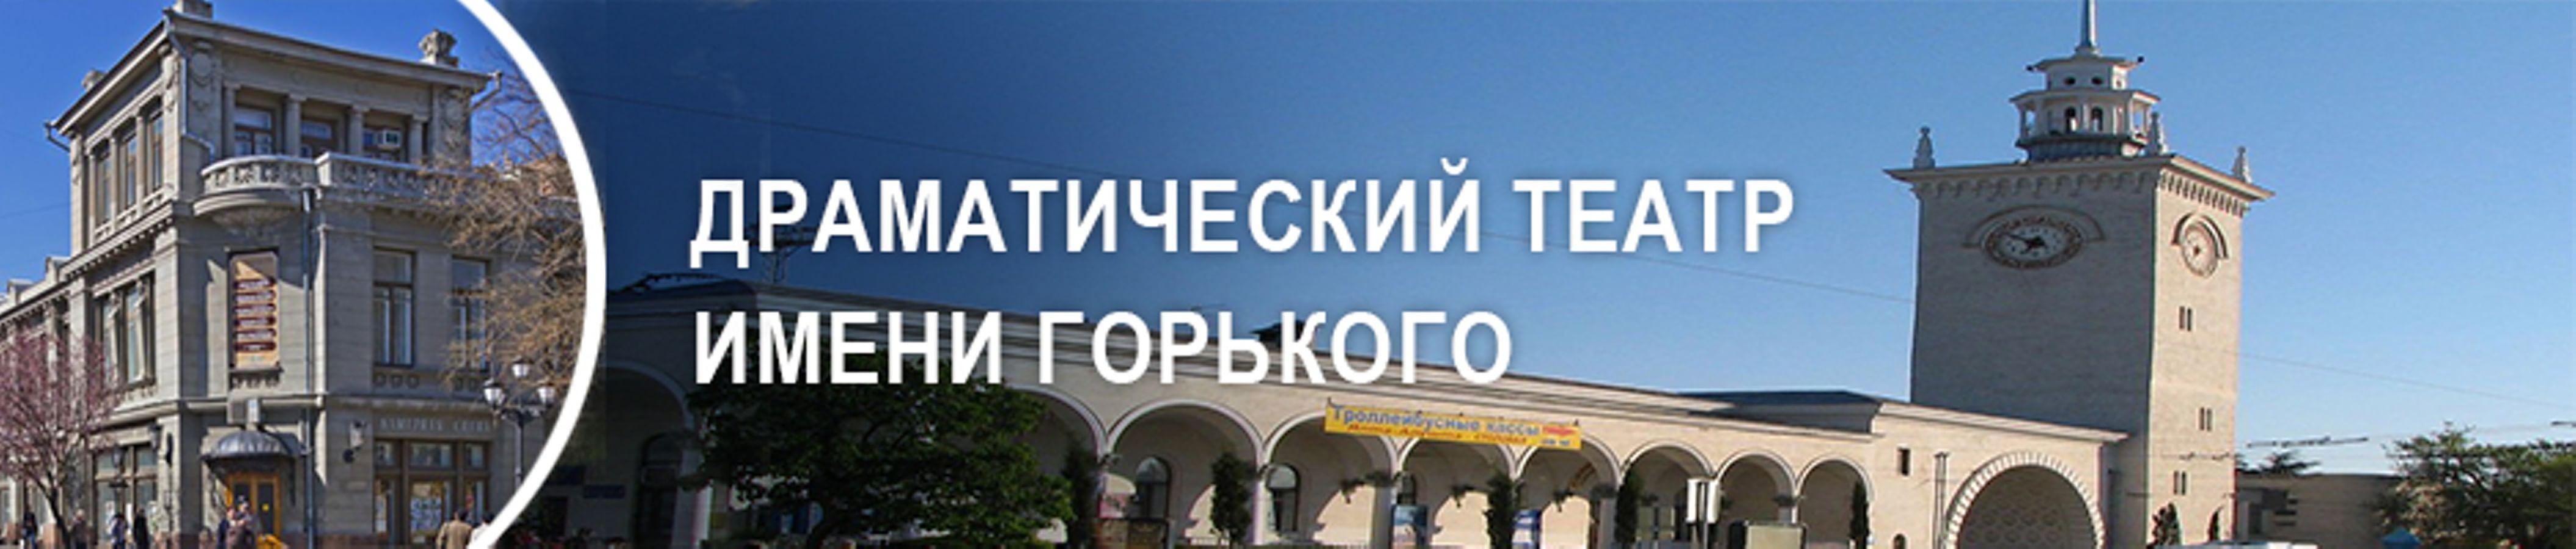 театр горького